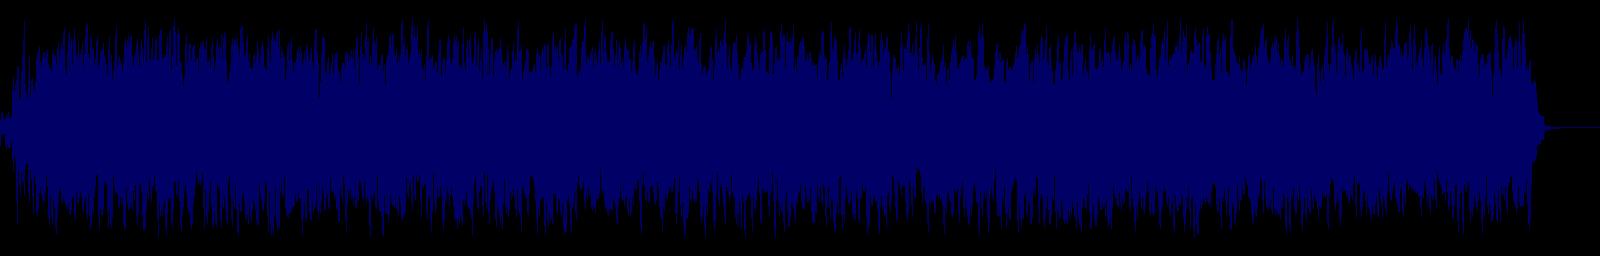 waveform of track #132291